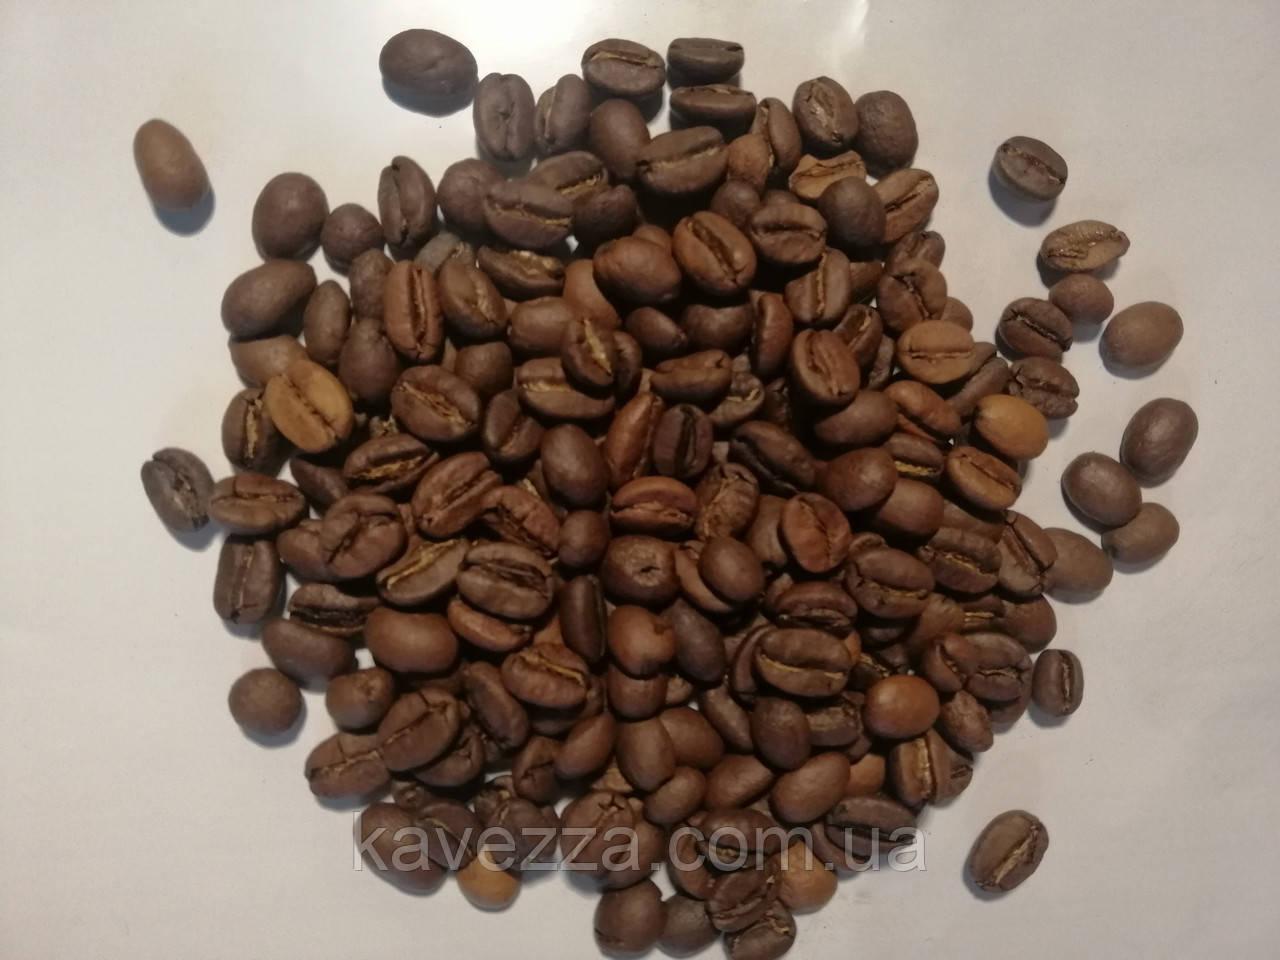 продажа свежеобжаренного кофе